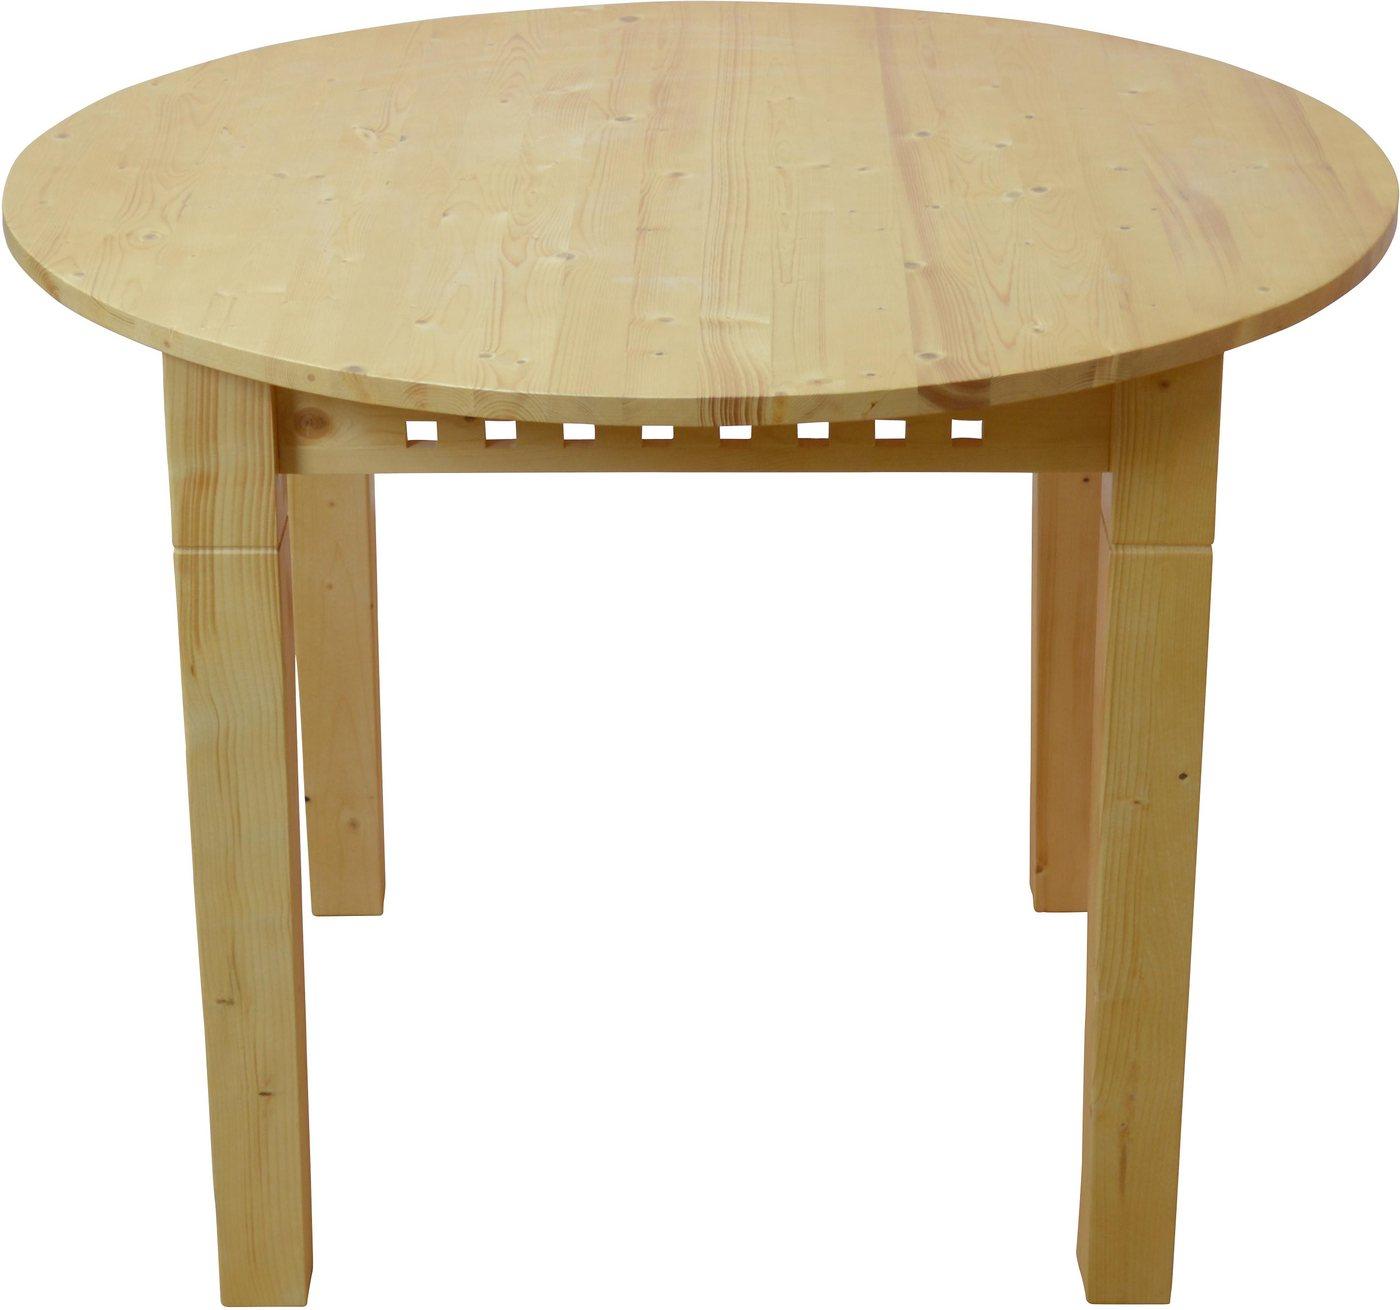 Eettafel, HOME AFFAIRE, rond, Ø 100 cm